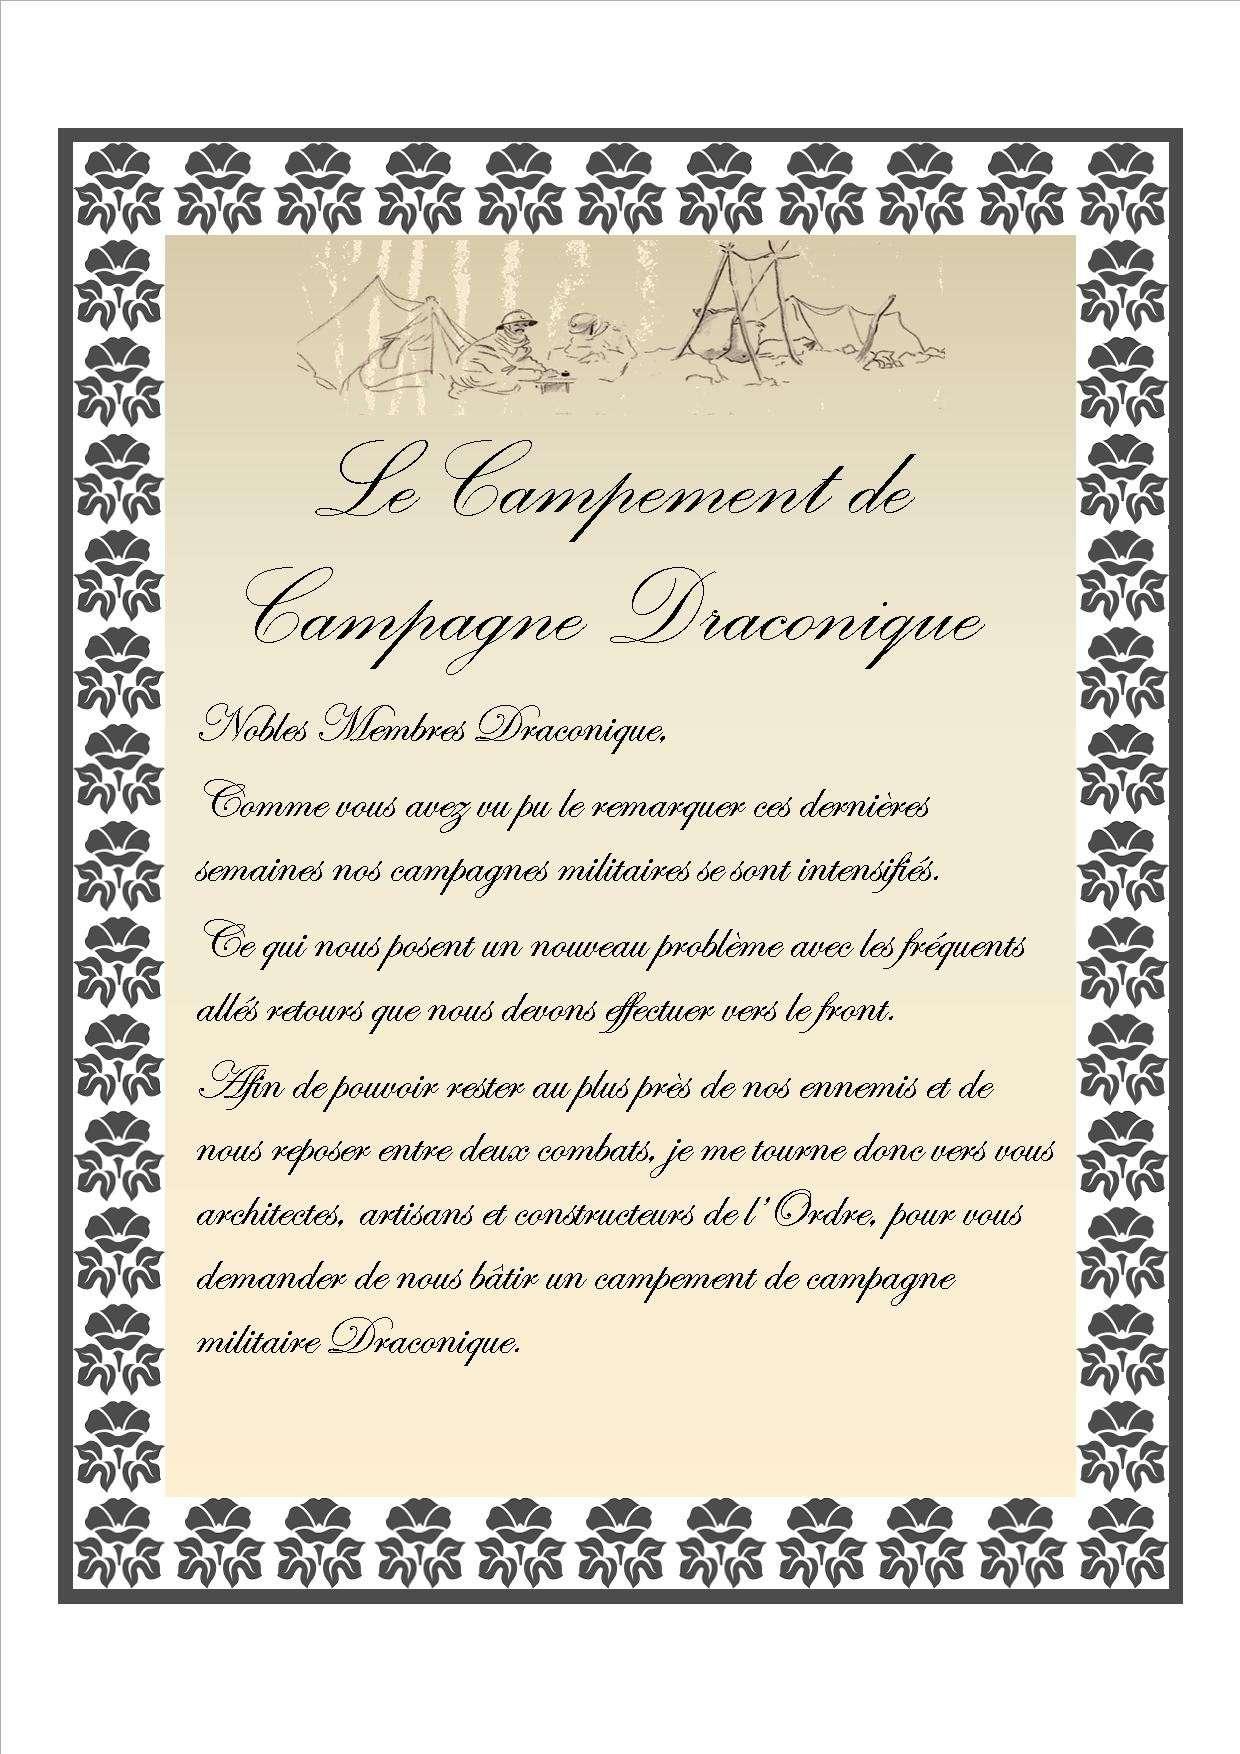 [Concours Dimensionnel] Le Campement de Campagne Militaire Draconique Cd_cam10